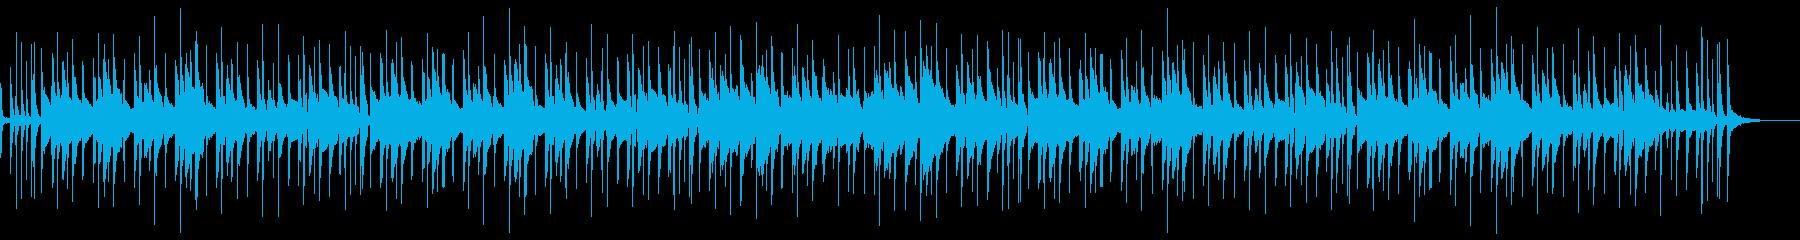 ウクレレとハープの南国ハワイアンポップスの再生済みの波形